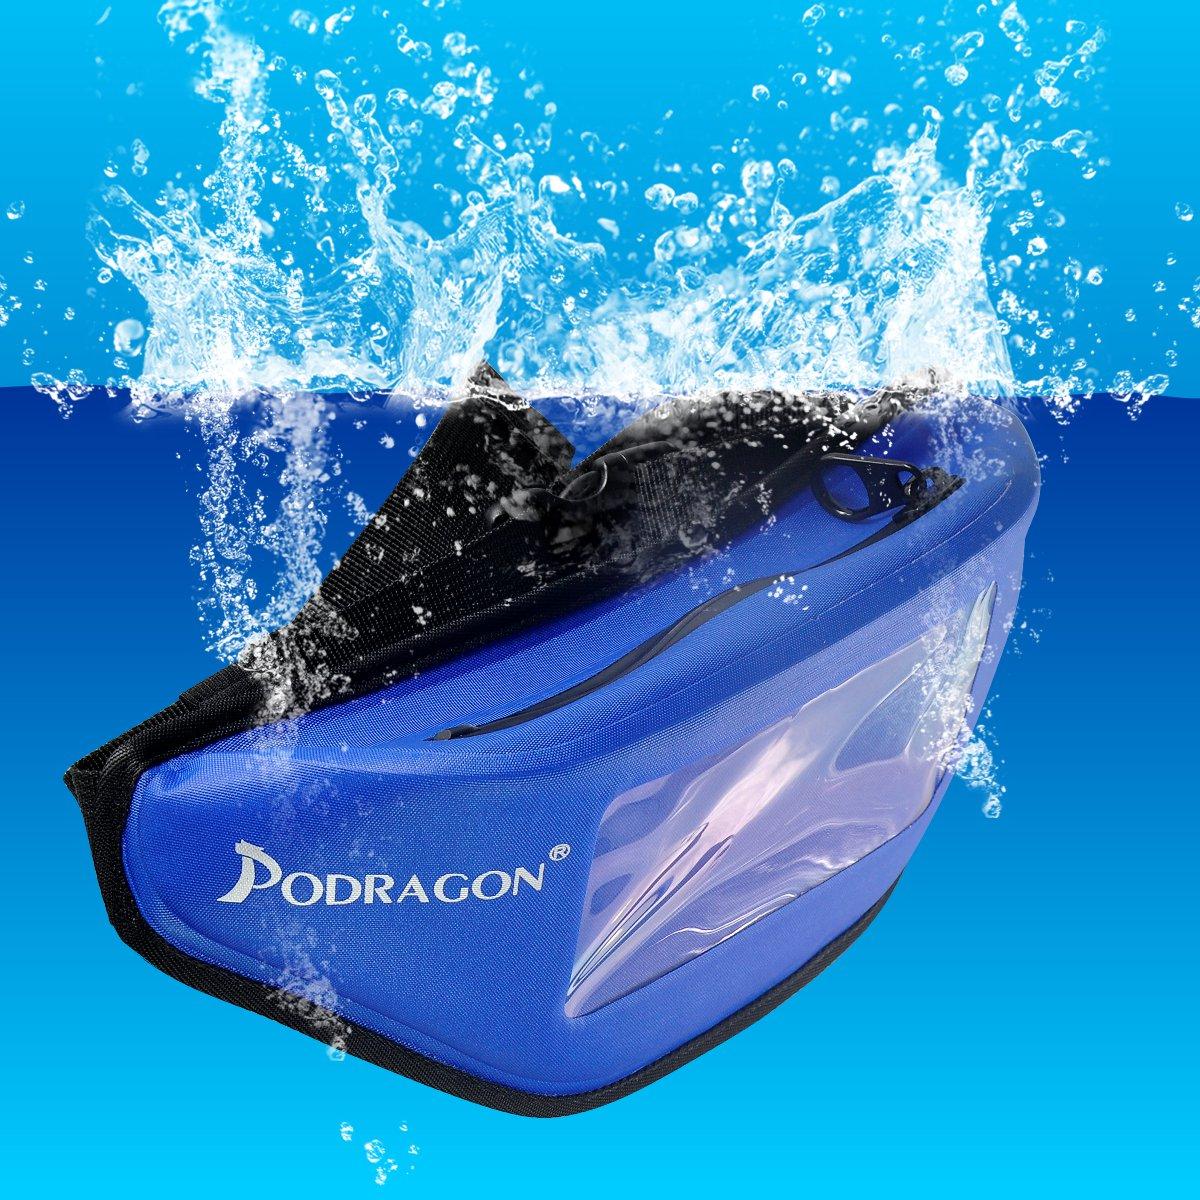 Podragon潜水腰包超级气密拉链大容量户外游泳男女手机防水袋浮潜